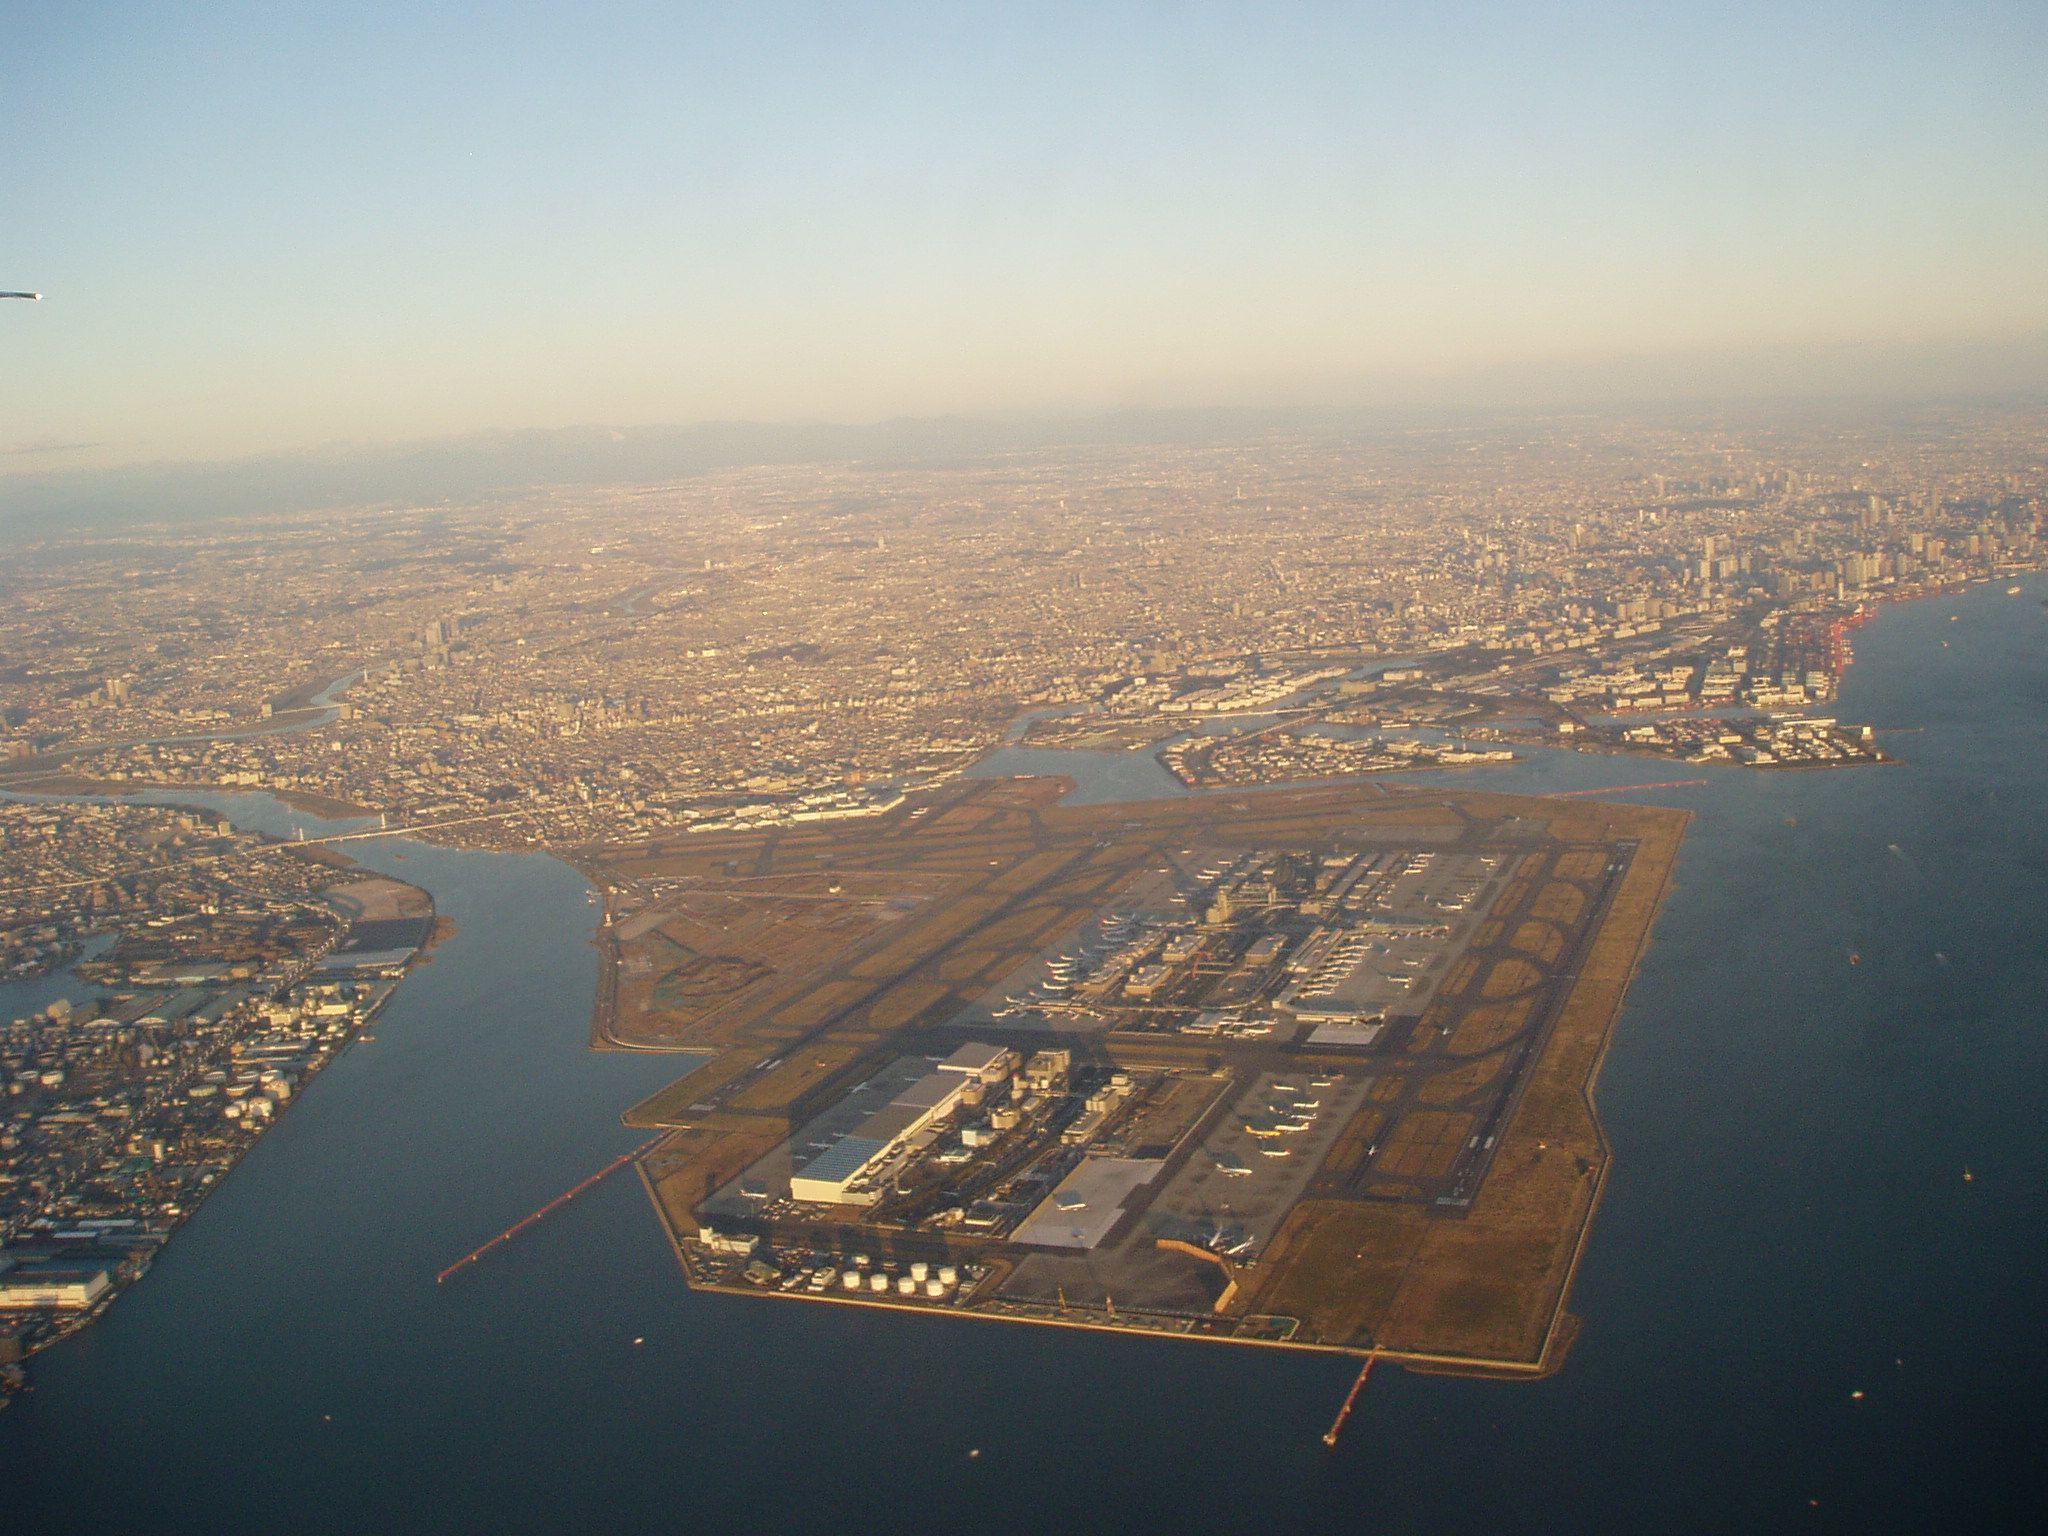 東京を借景にした羽田空港全景 City od Tokyo & Haneda Airport (HND)